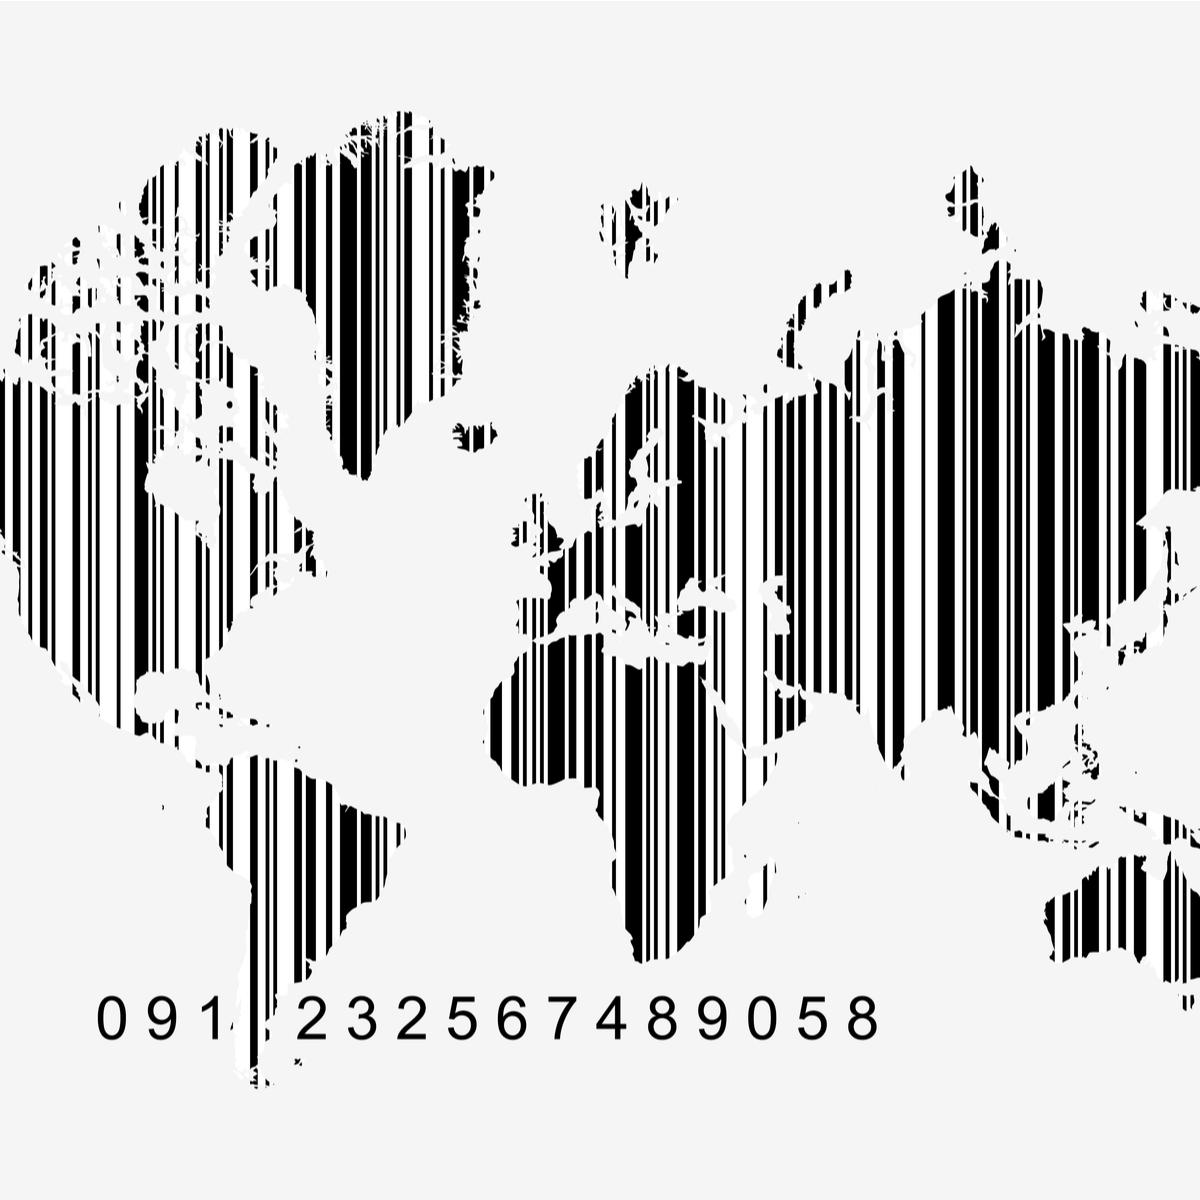 Seis consejos claves para una exportación exitosa